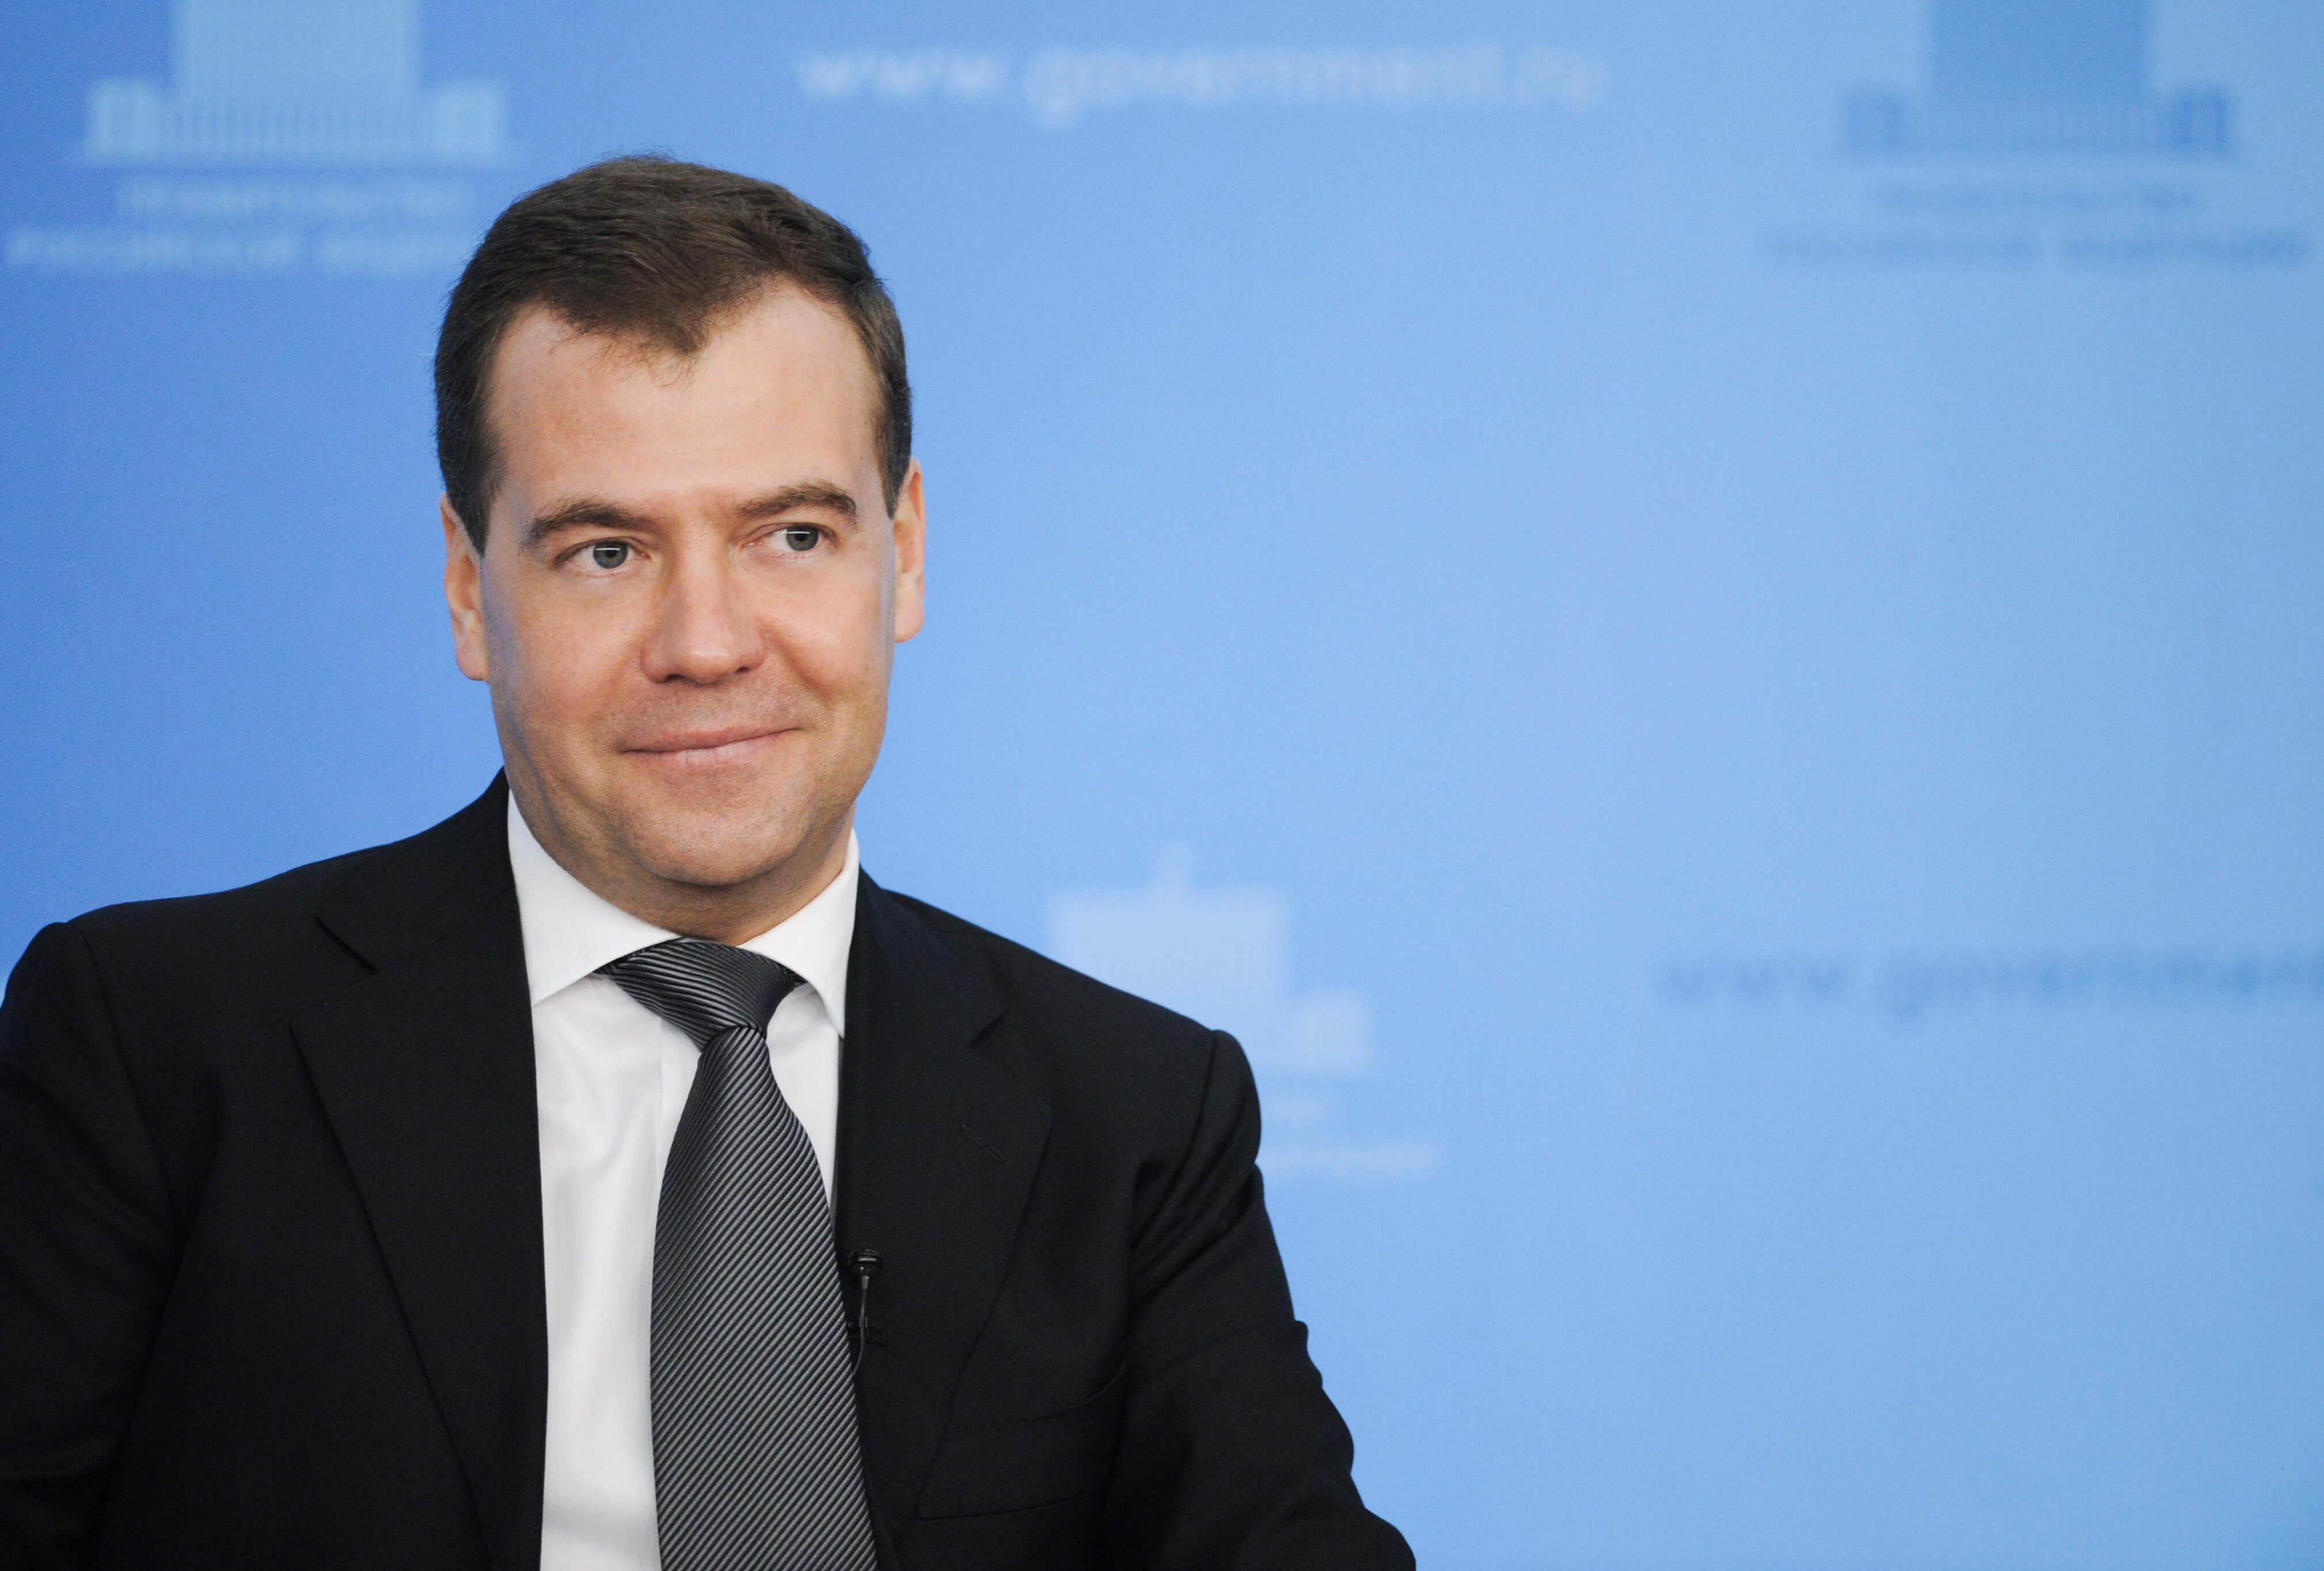 Сколько зарабатывает Медведев